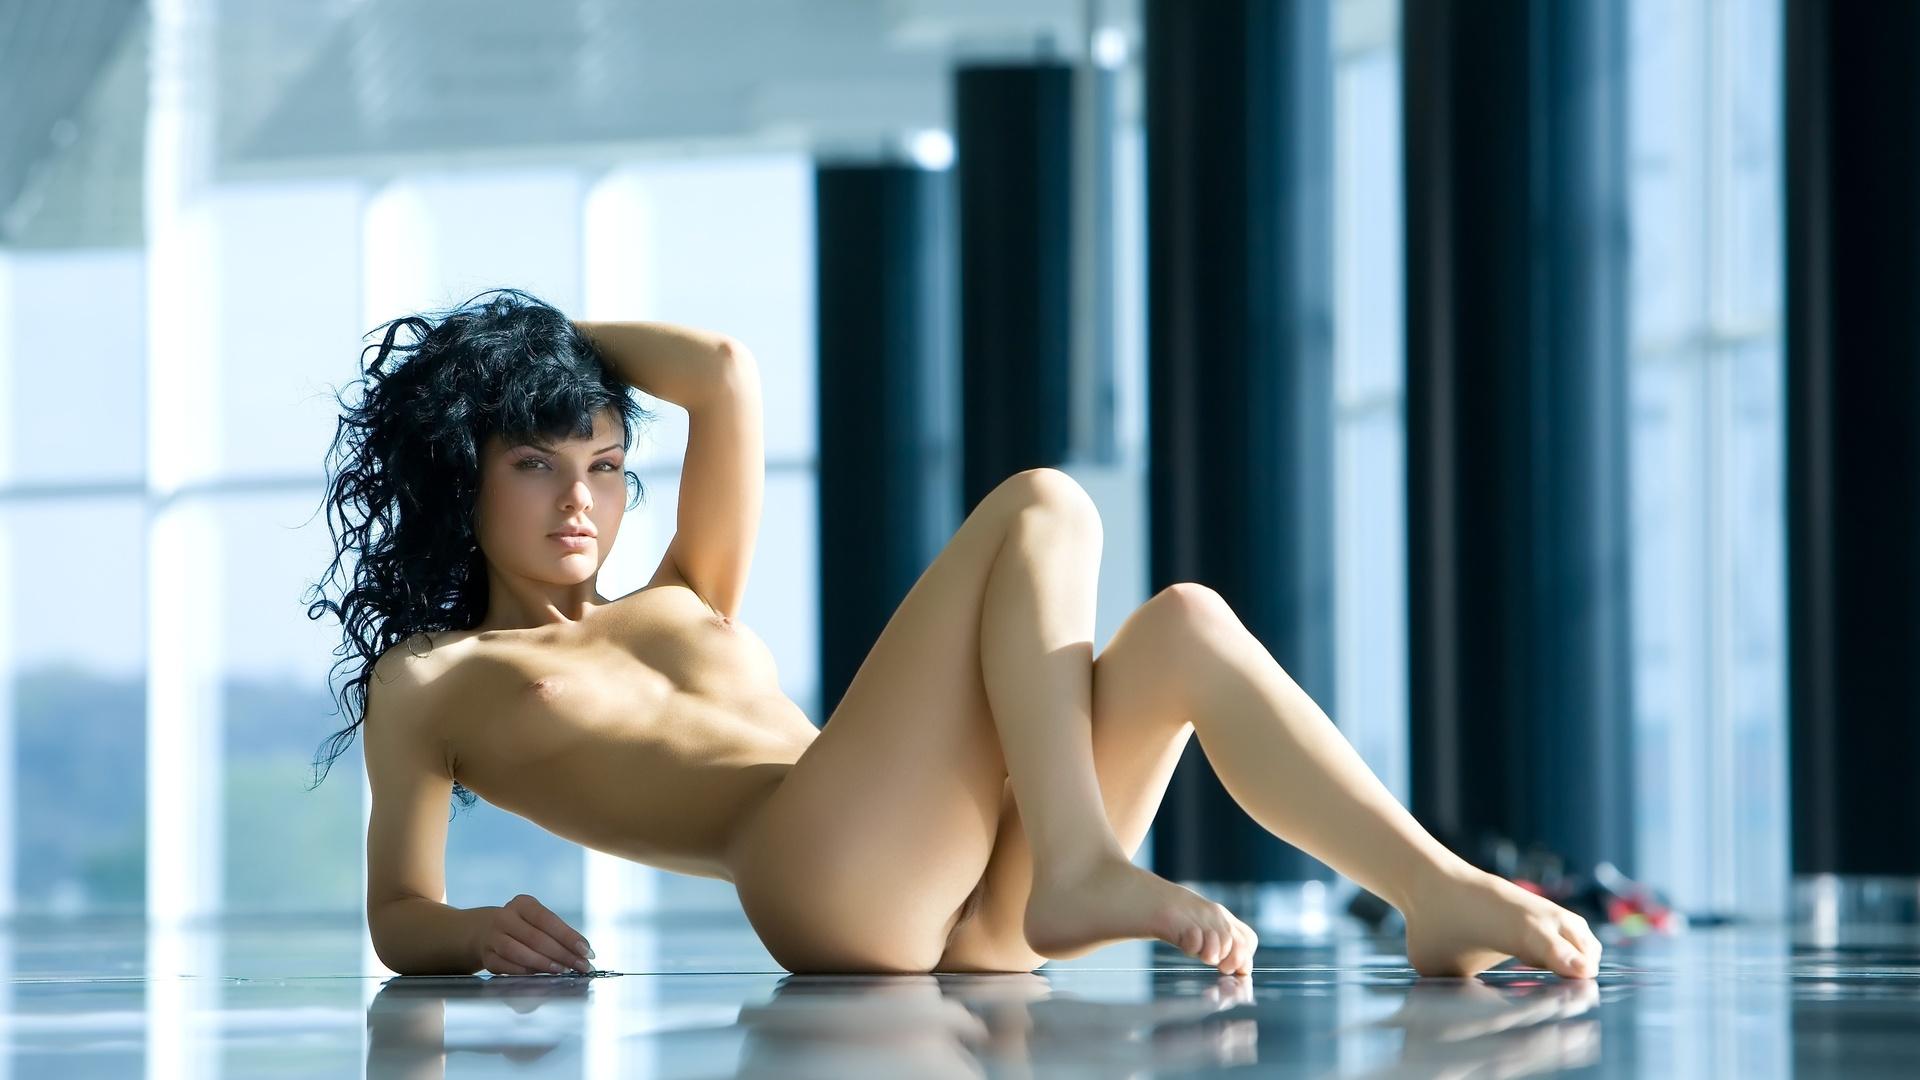 лучи, naked, обнажена, грудь